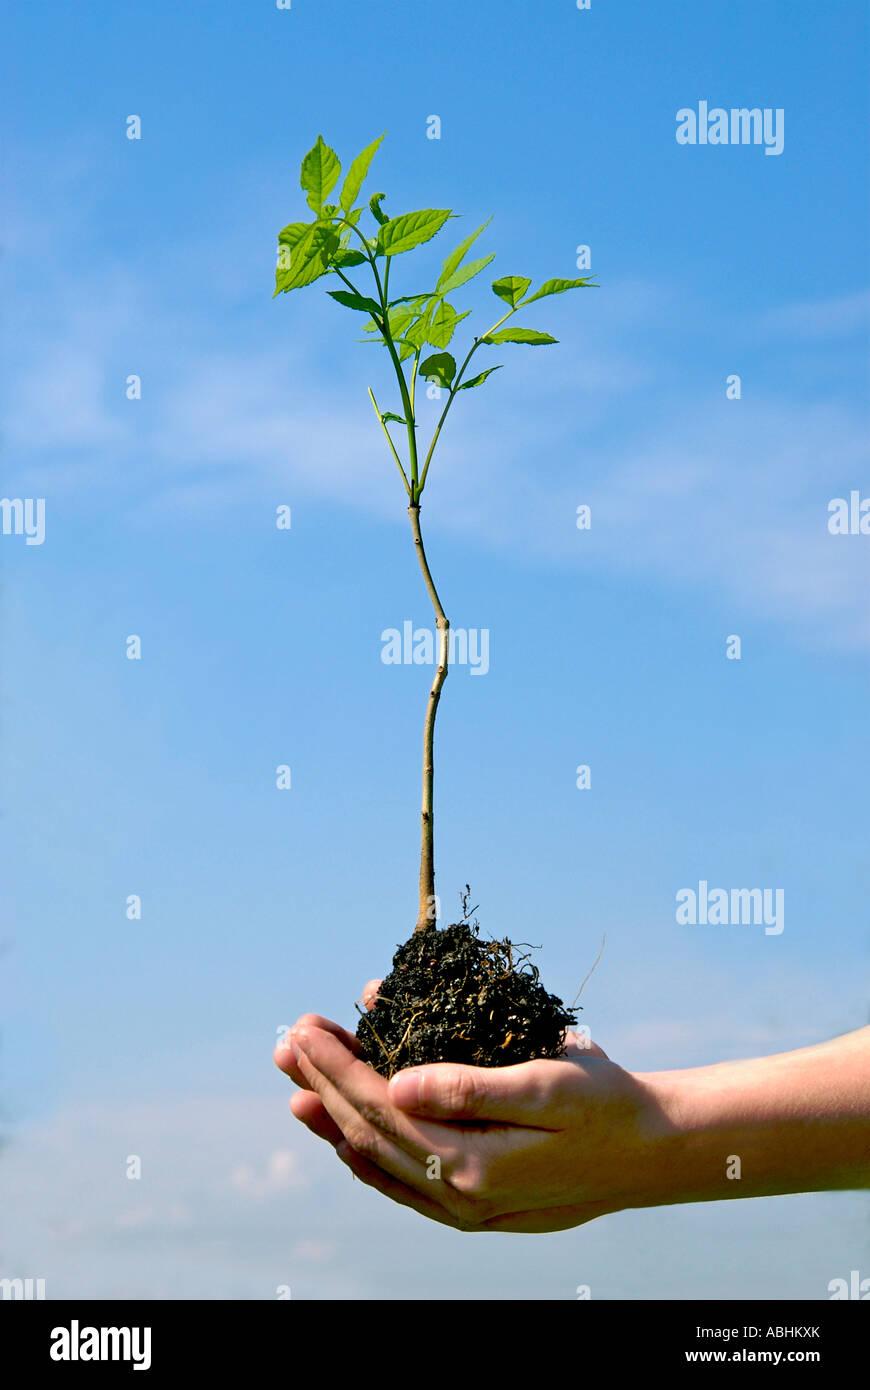 Mani tenendo una giovane pianta esterni - concetto di crescita Immagini Stock